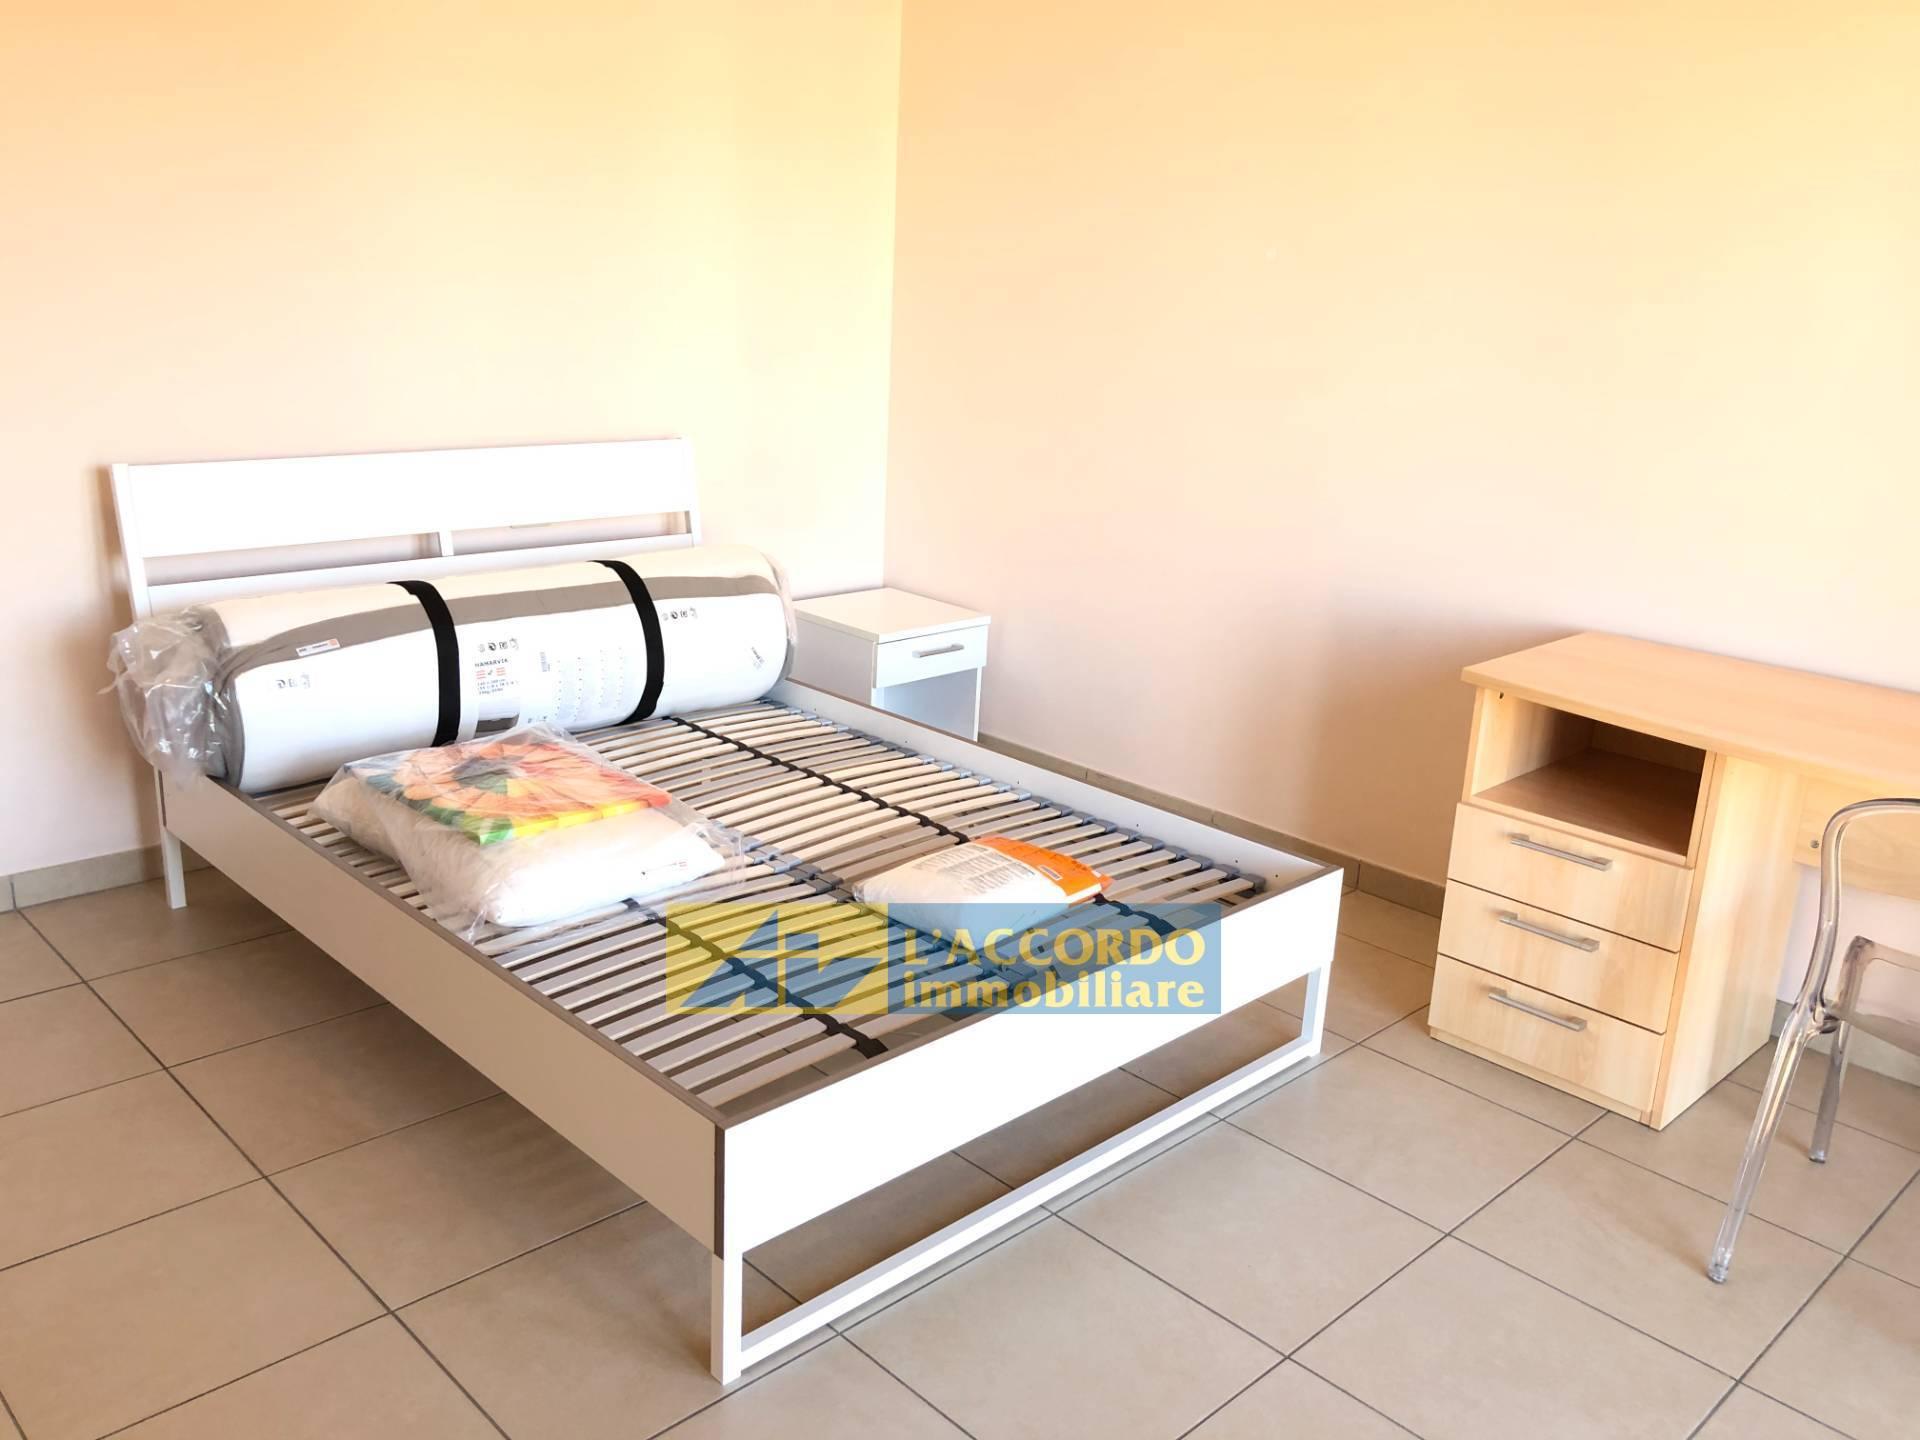 Appartamento in affitto a Chieti, 5 locali, zona Località: MadonnadellePiane, prezzo € 250   CambioCasa.it